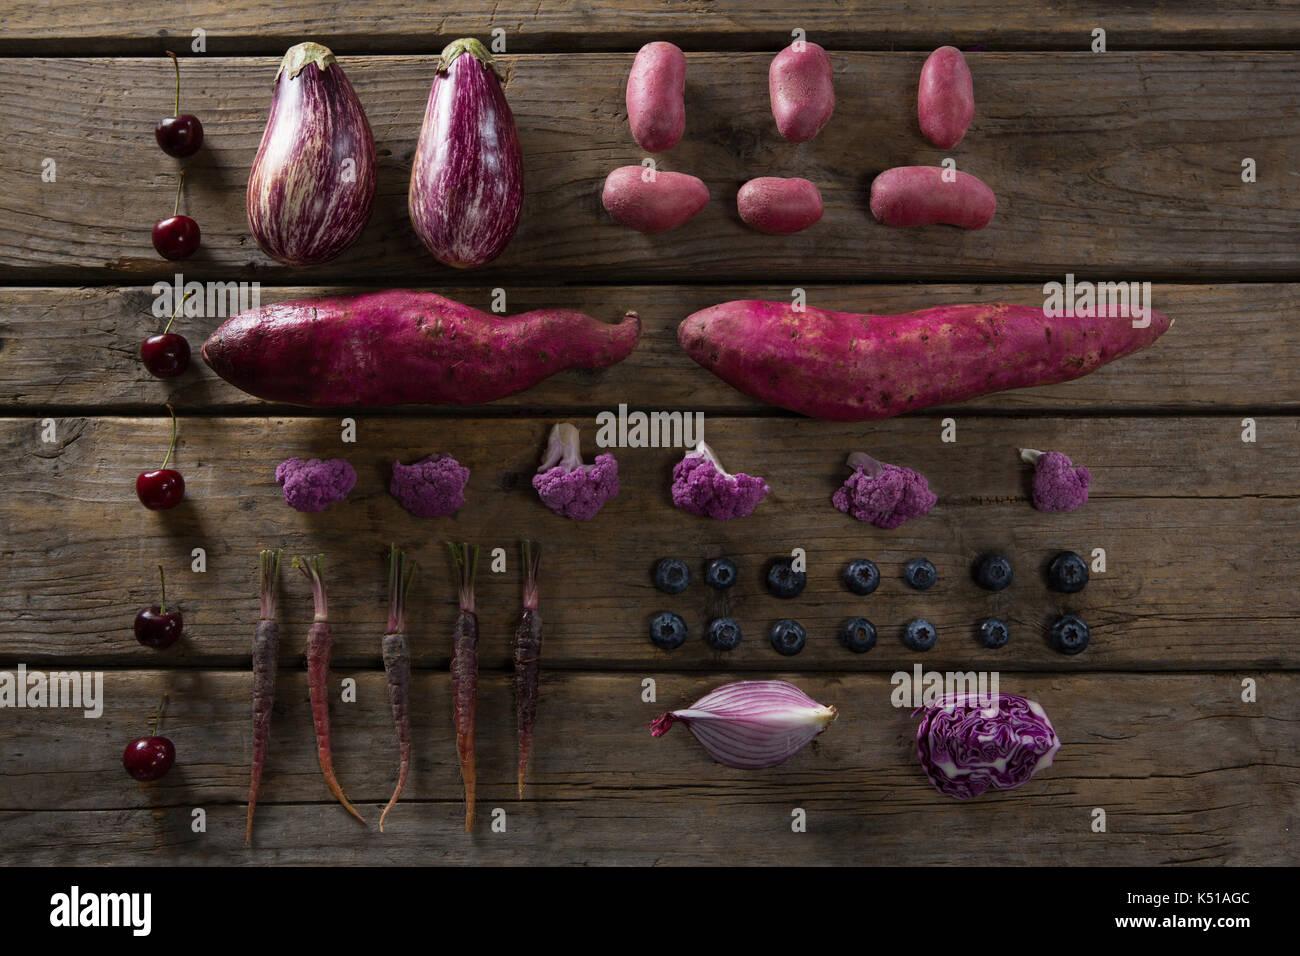 Vista aérea de diversos vegetales organizadas en mesa de madera Imagen De Stock